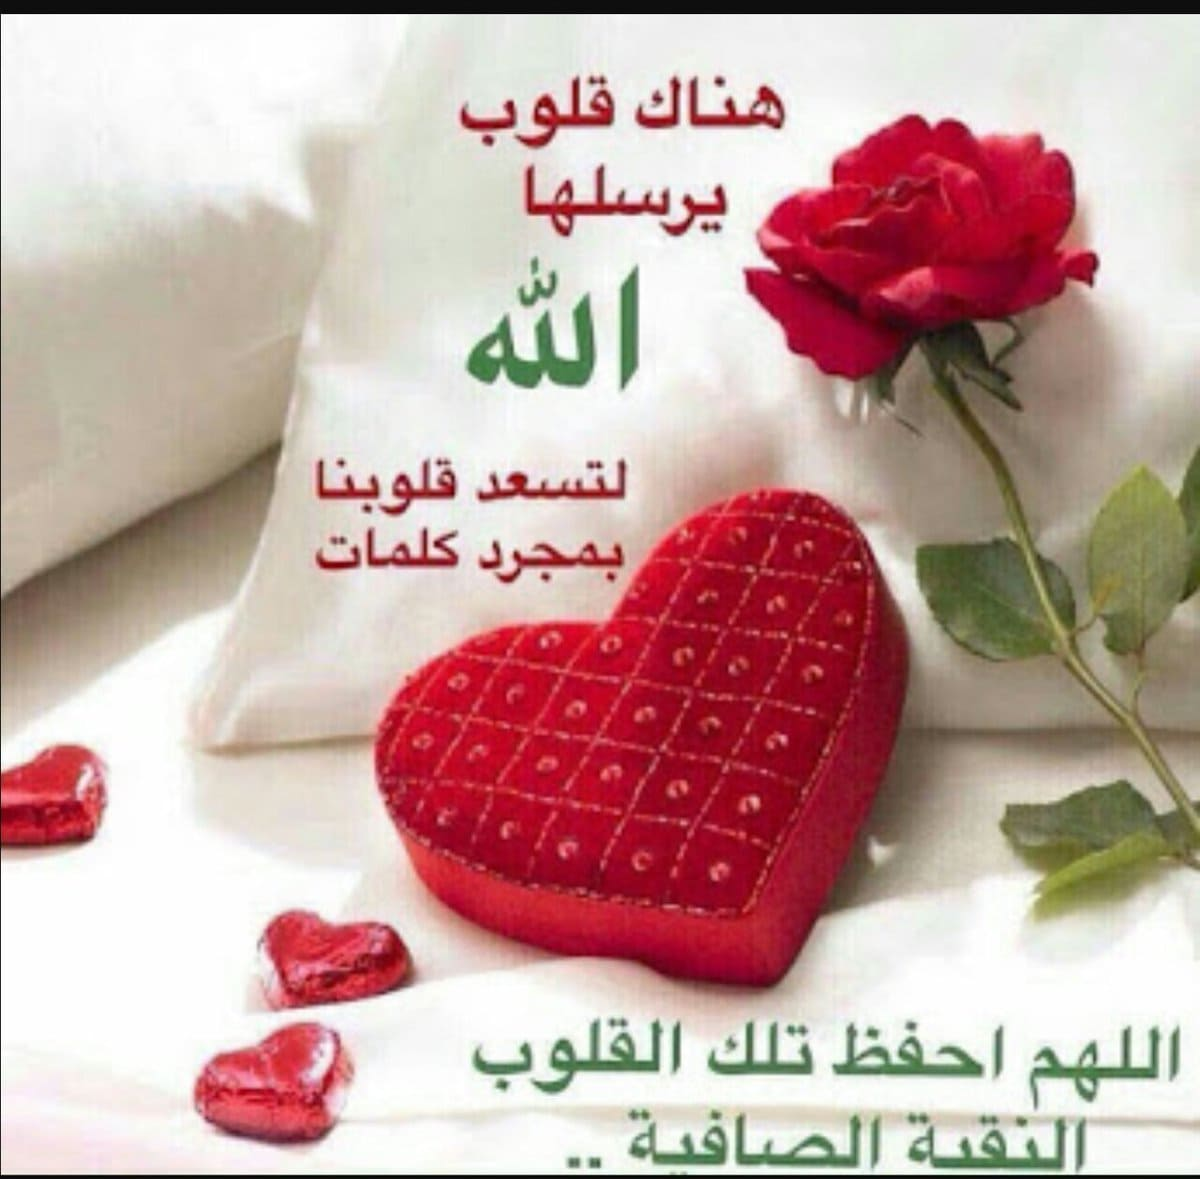 بالصور بوستات صباحية , السوشال ميديا مع اجمل بوستات للصباح 5388 13